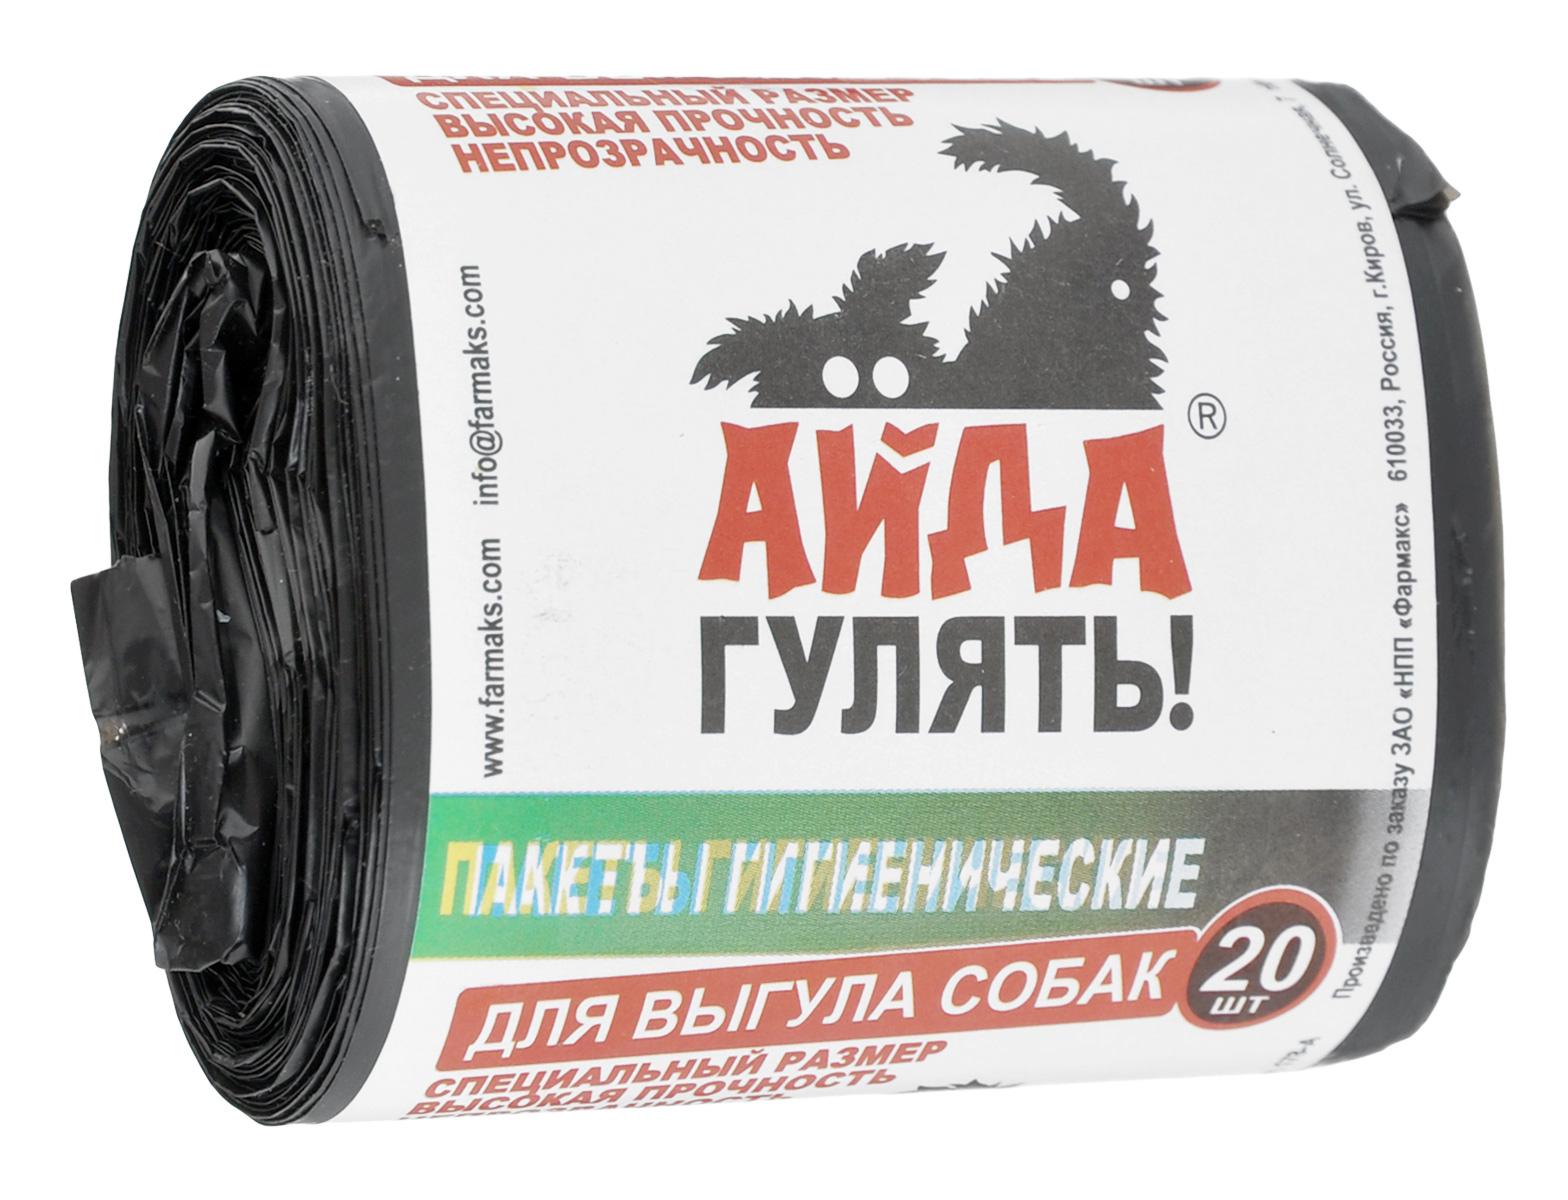 """Пакеты гигиенические для выгула собак """"Айда гулять"""", 20 шт"""